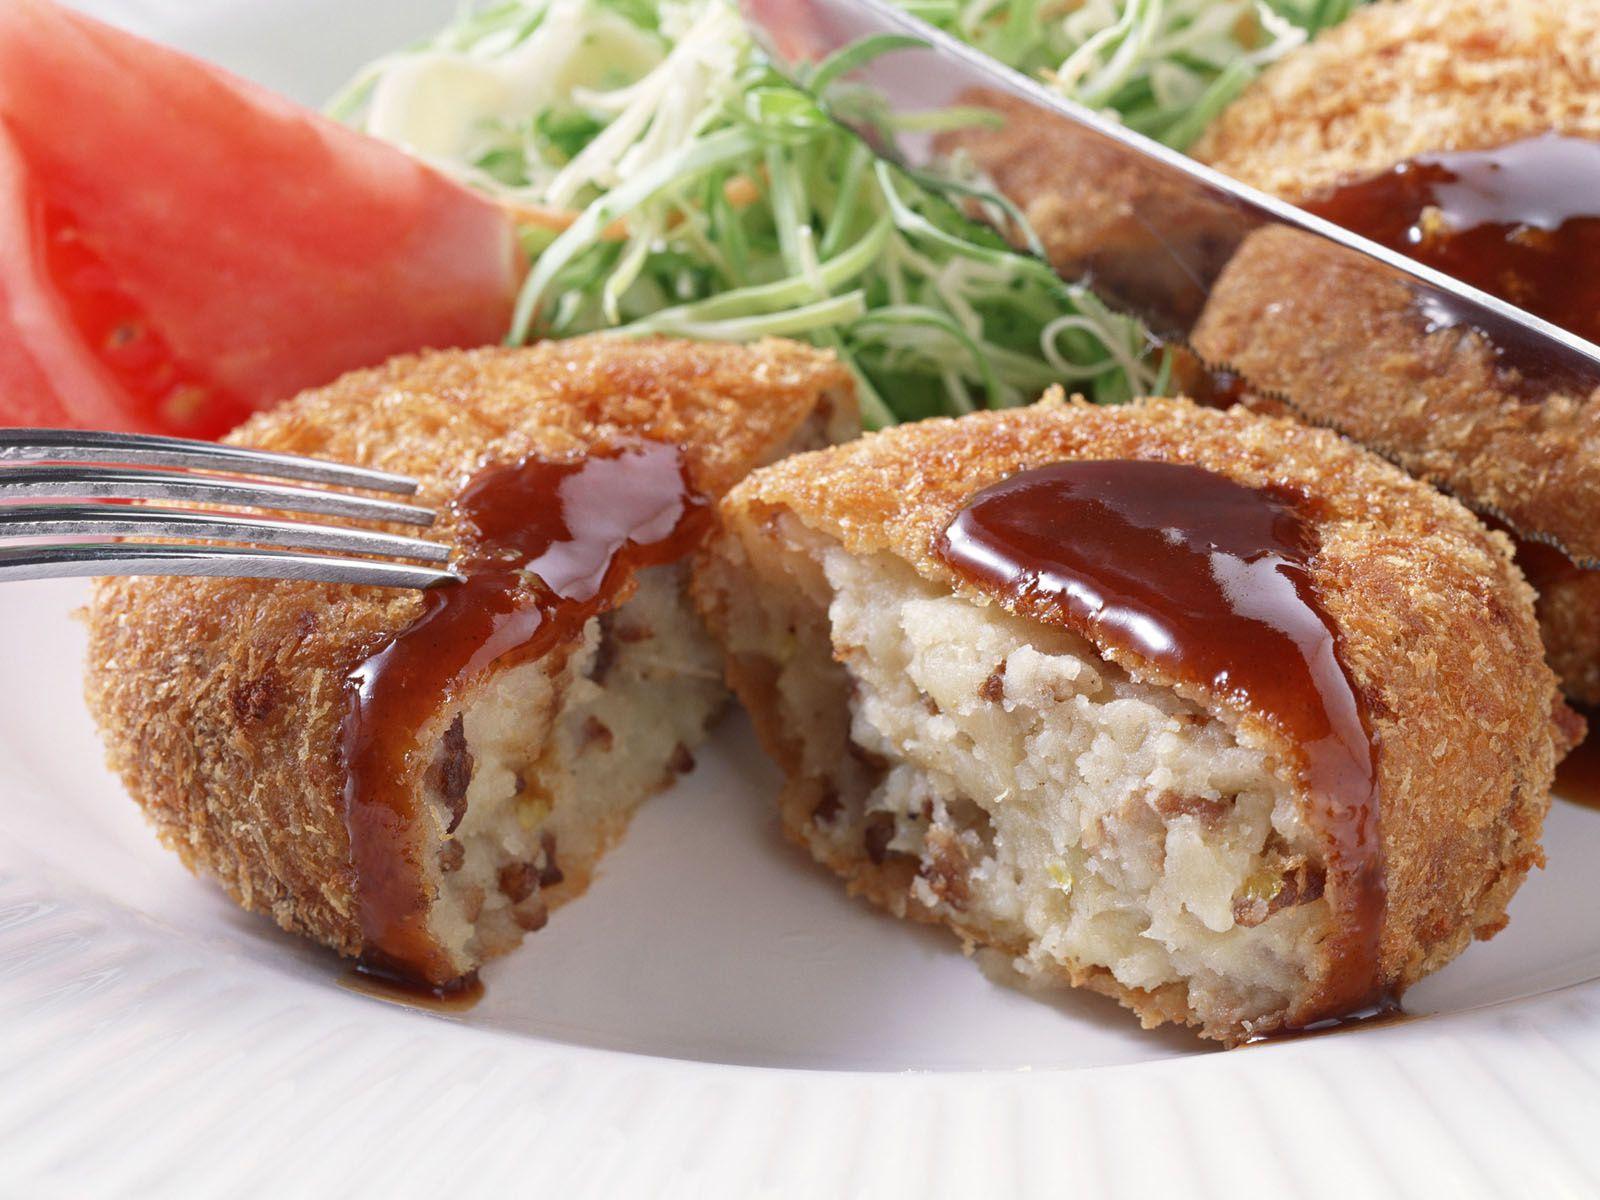 Bon appétit - Nourriture - Wallpaper - Free